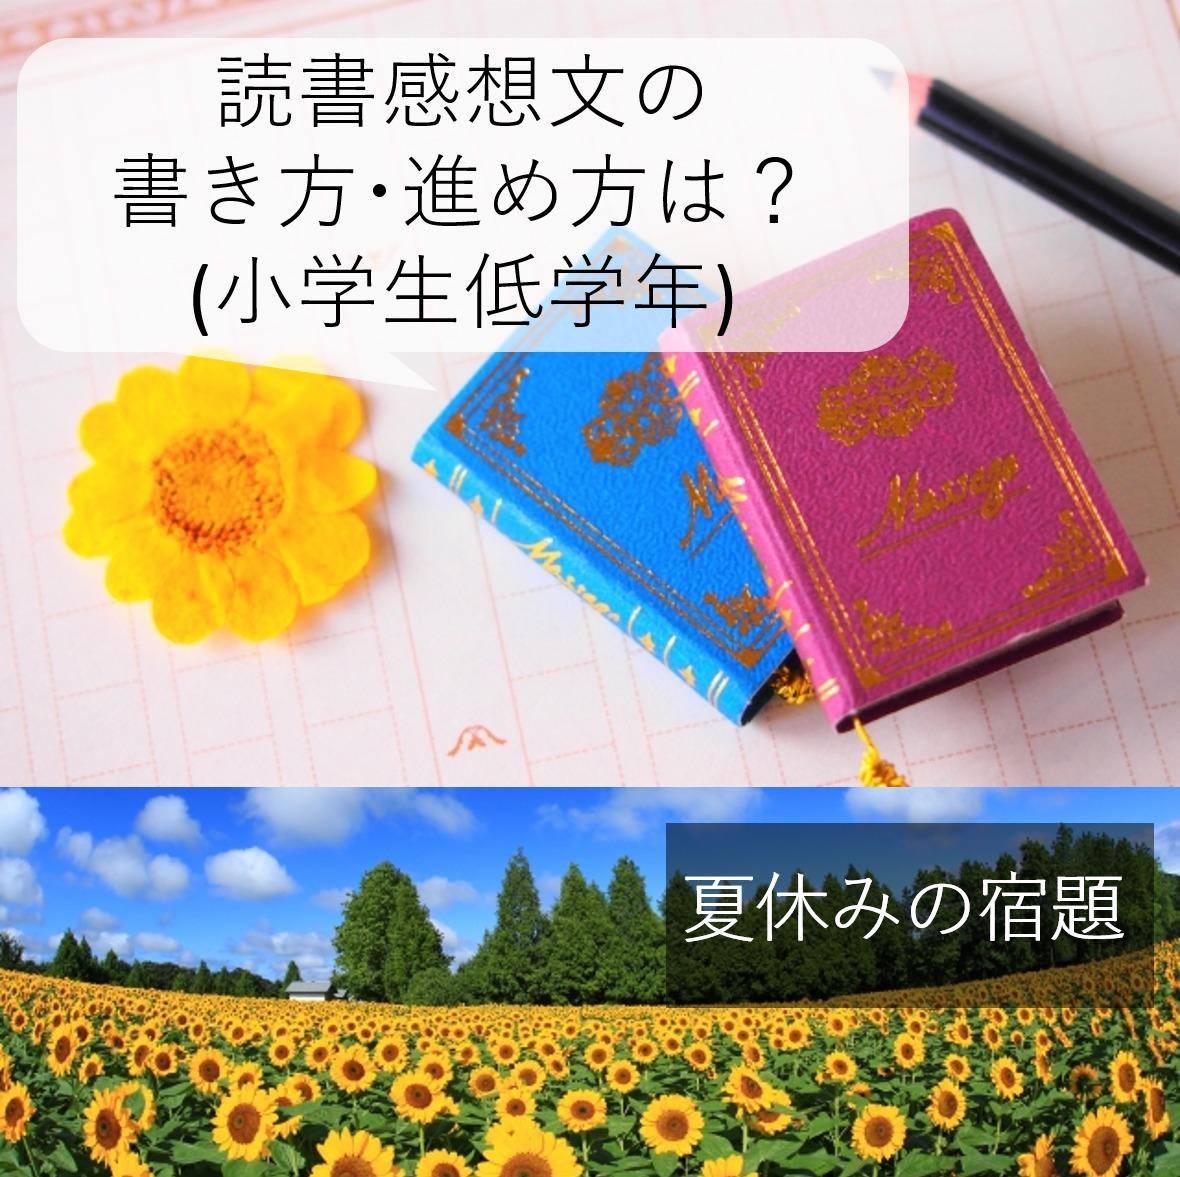 アイキャッチ画像(読書感想文)